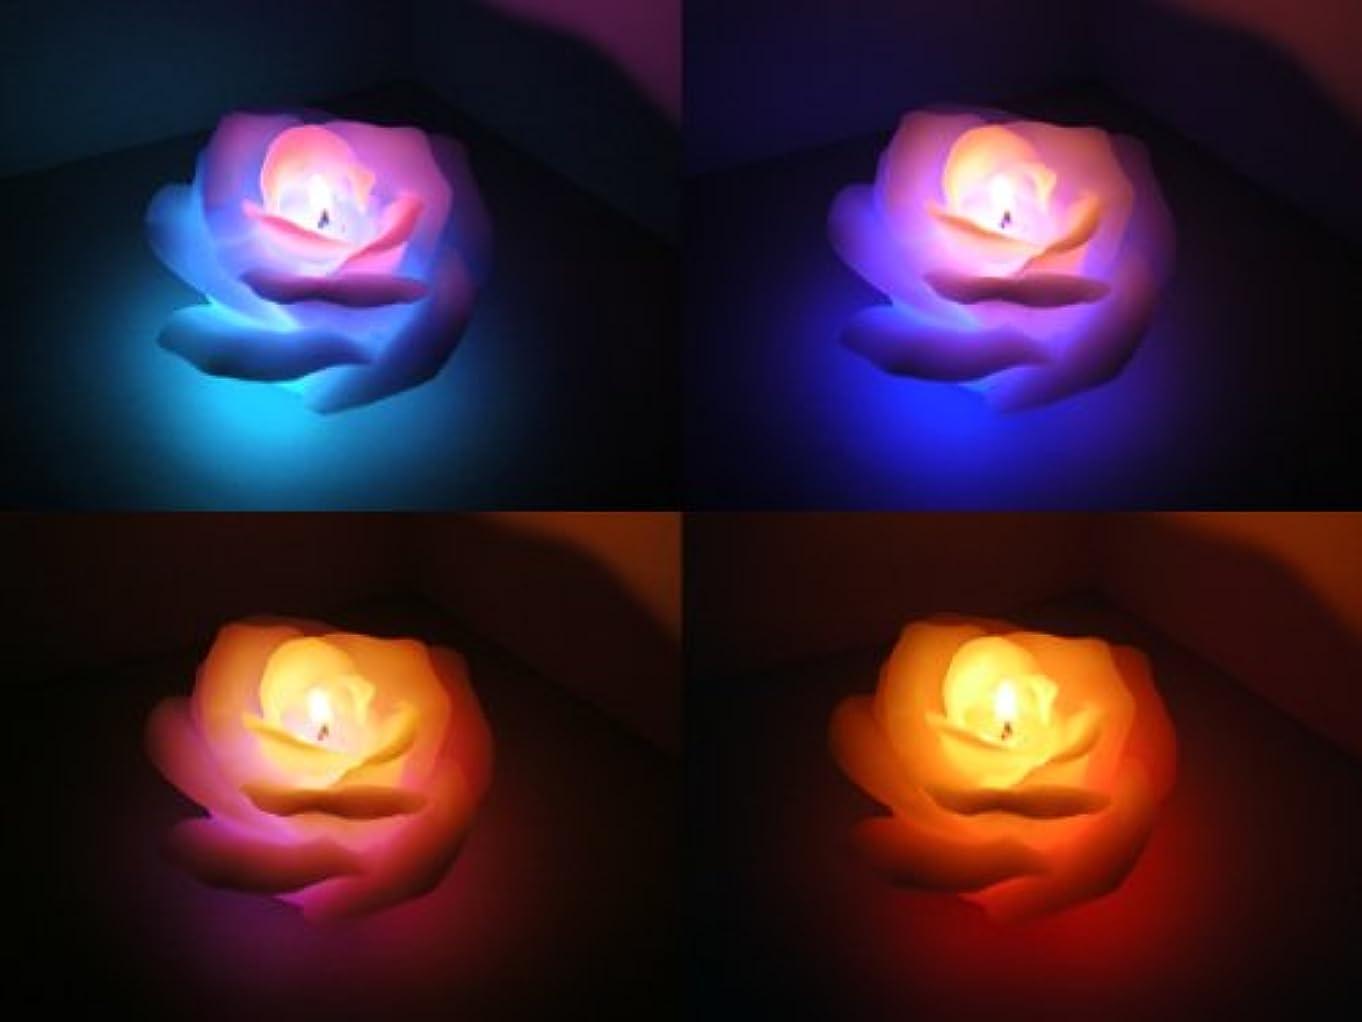 サルベージ公平マイク7色に変化!プレゼントにも!LED内臓キャンドル(バラ)